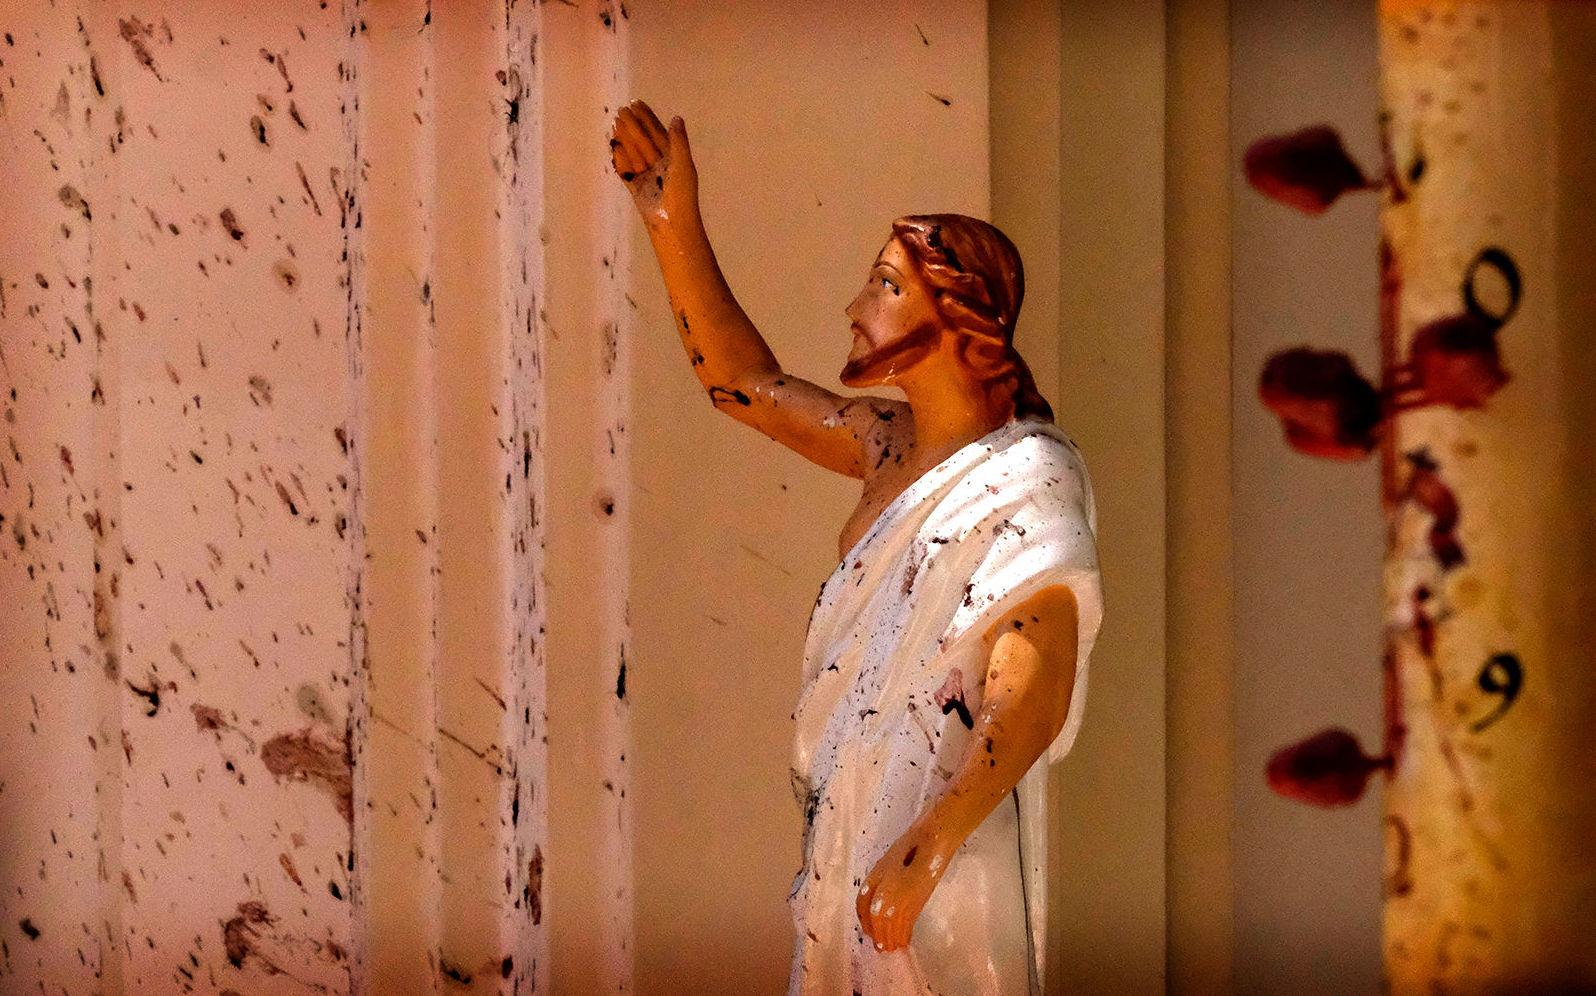 Пятна крови на статуе Иисуса Христа в церкви Святого Себастьяна после взрыва в Негомбо, к северу от Коломбо (21 апреля 2019). Шри-Ланка